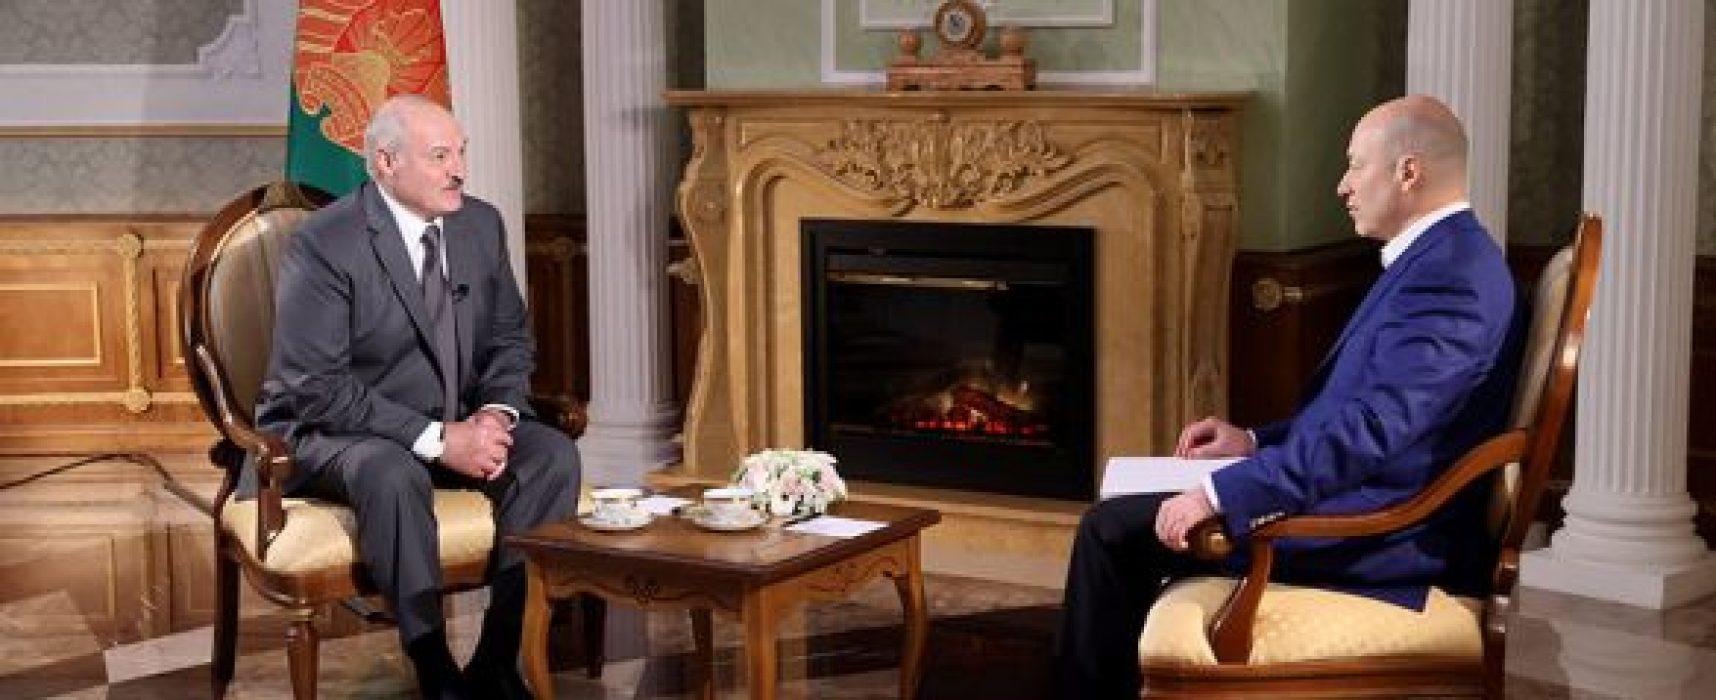 Борис Бахтеев: Эффект отсутствия. Об интервью Гордона с Лукашенко